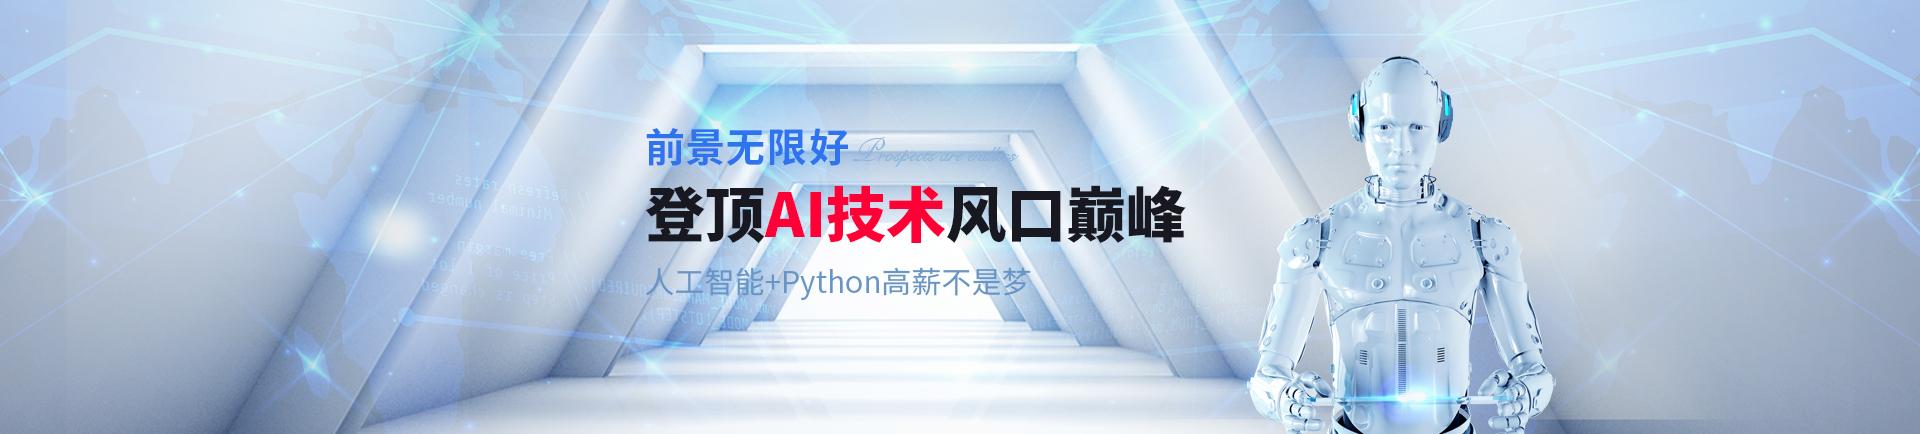 登顶AI技术风�巅峰 人工智能+Python年薪100万�是梦-shenzhen